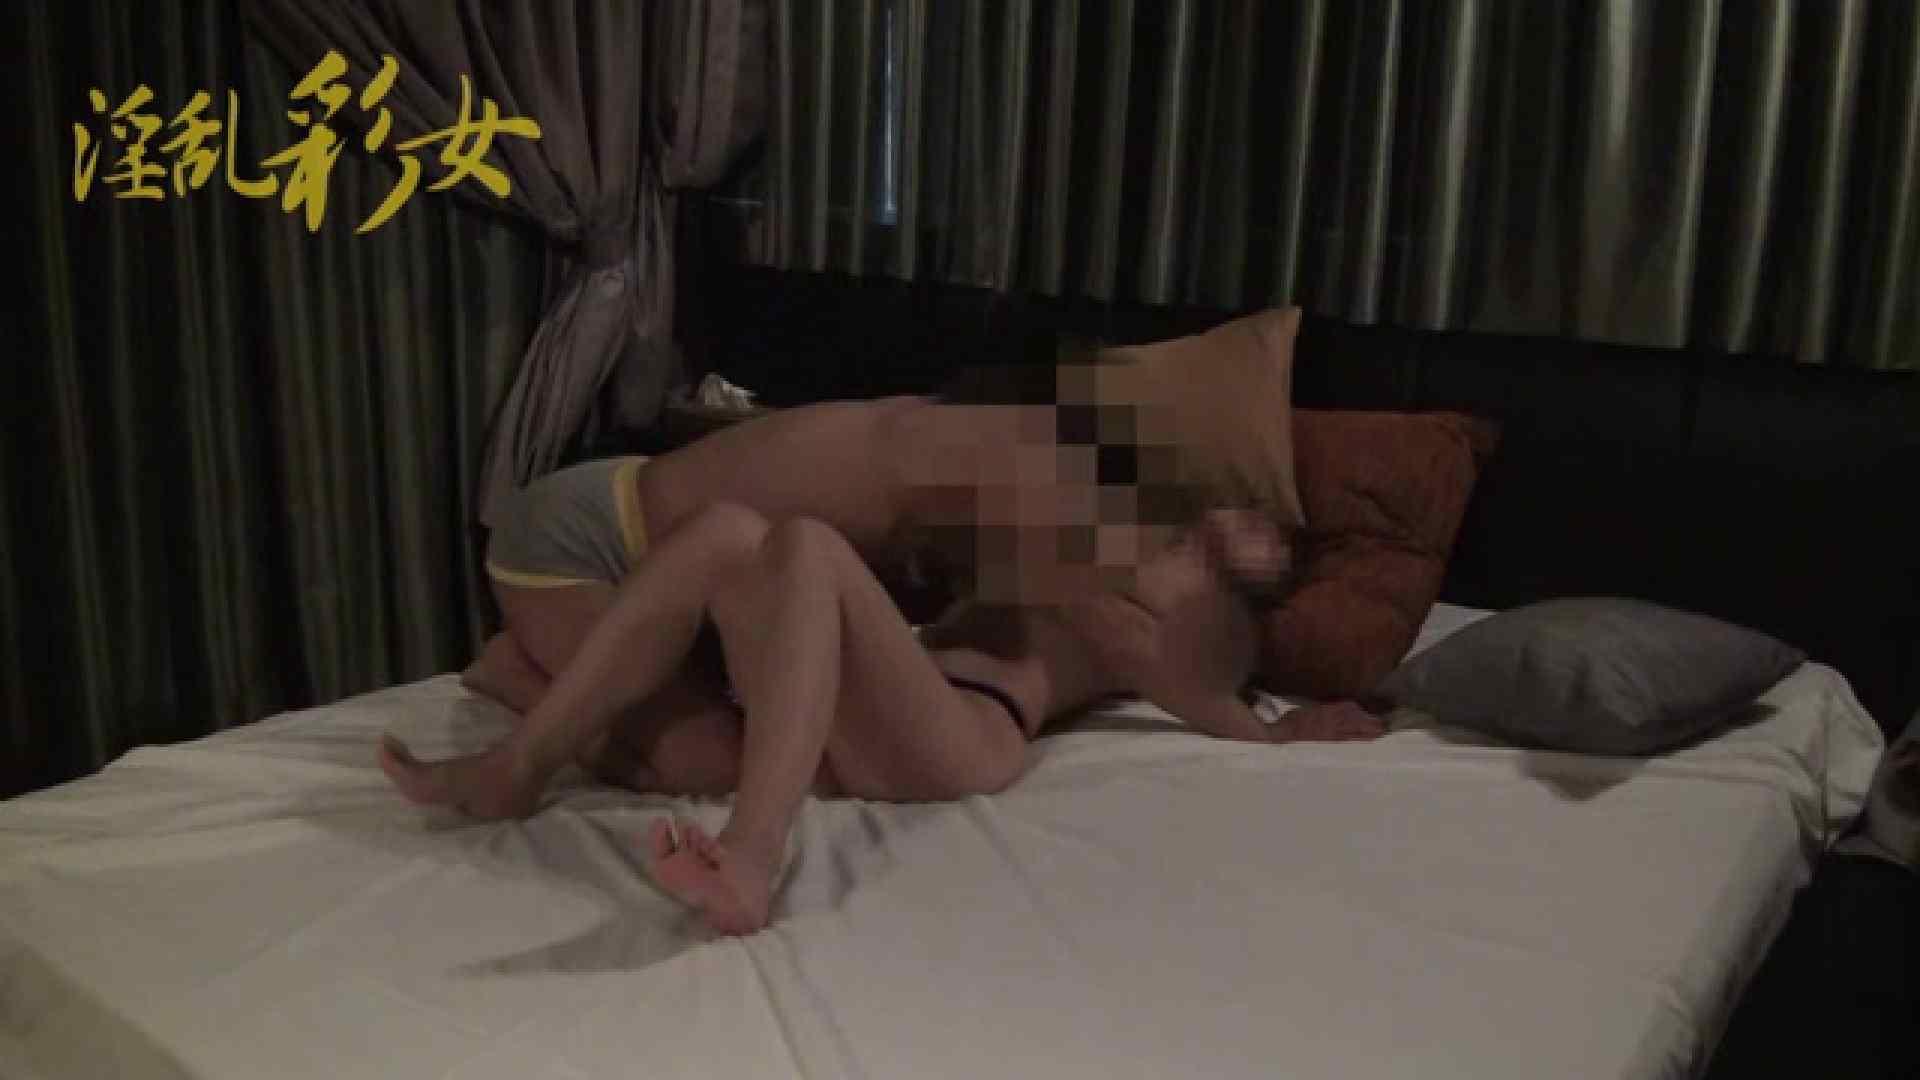 淫乱彩女麻優里 36歳単独さん 一般投稿 盗撮画像 109枚 20